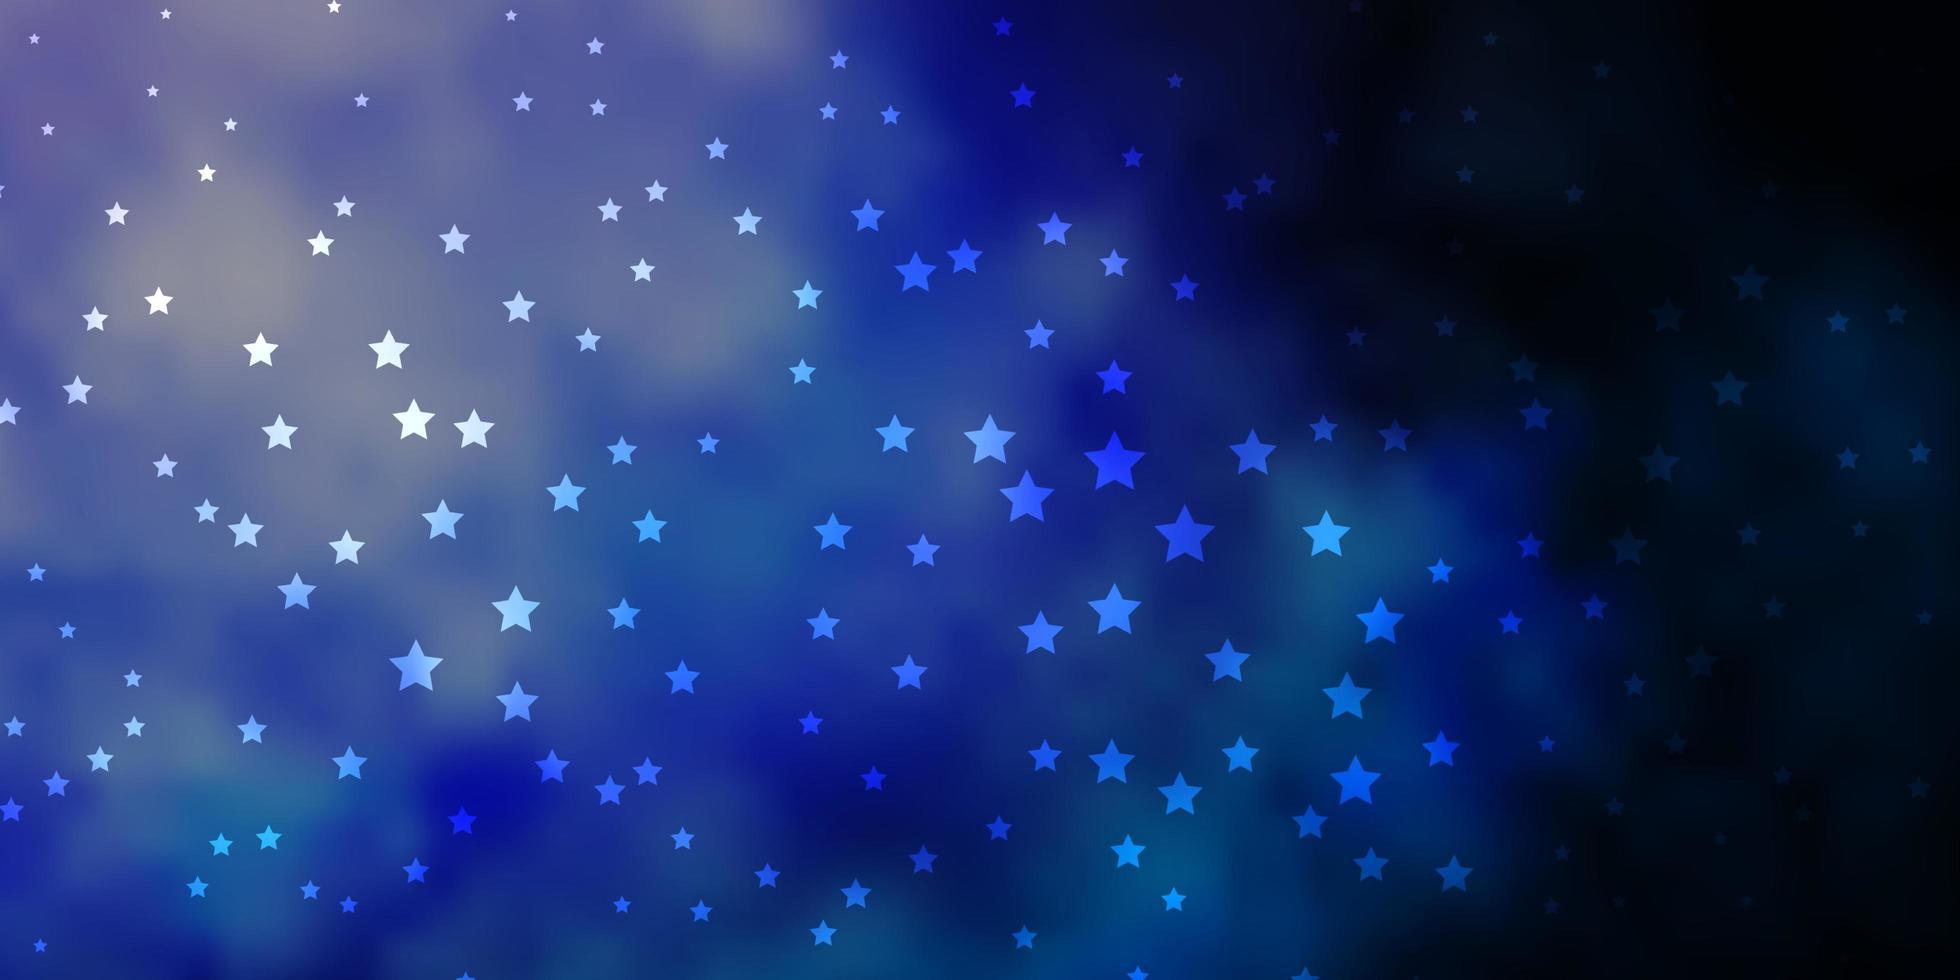 dunkelvioletter Vektorhintergrund mit bunten Sternen. vektor